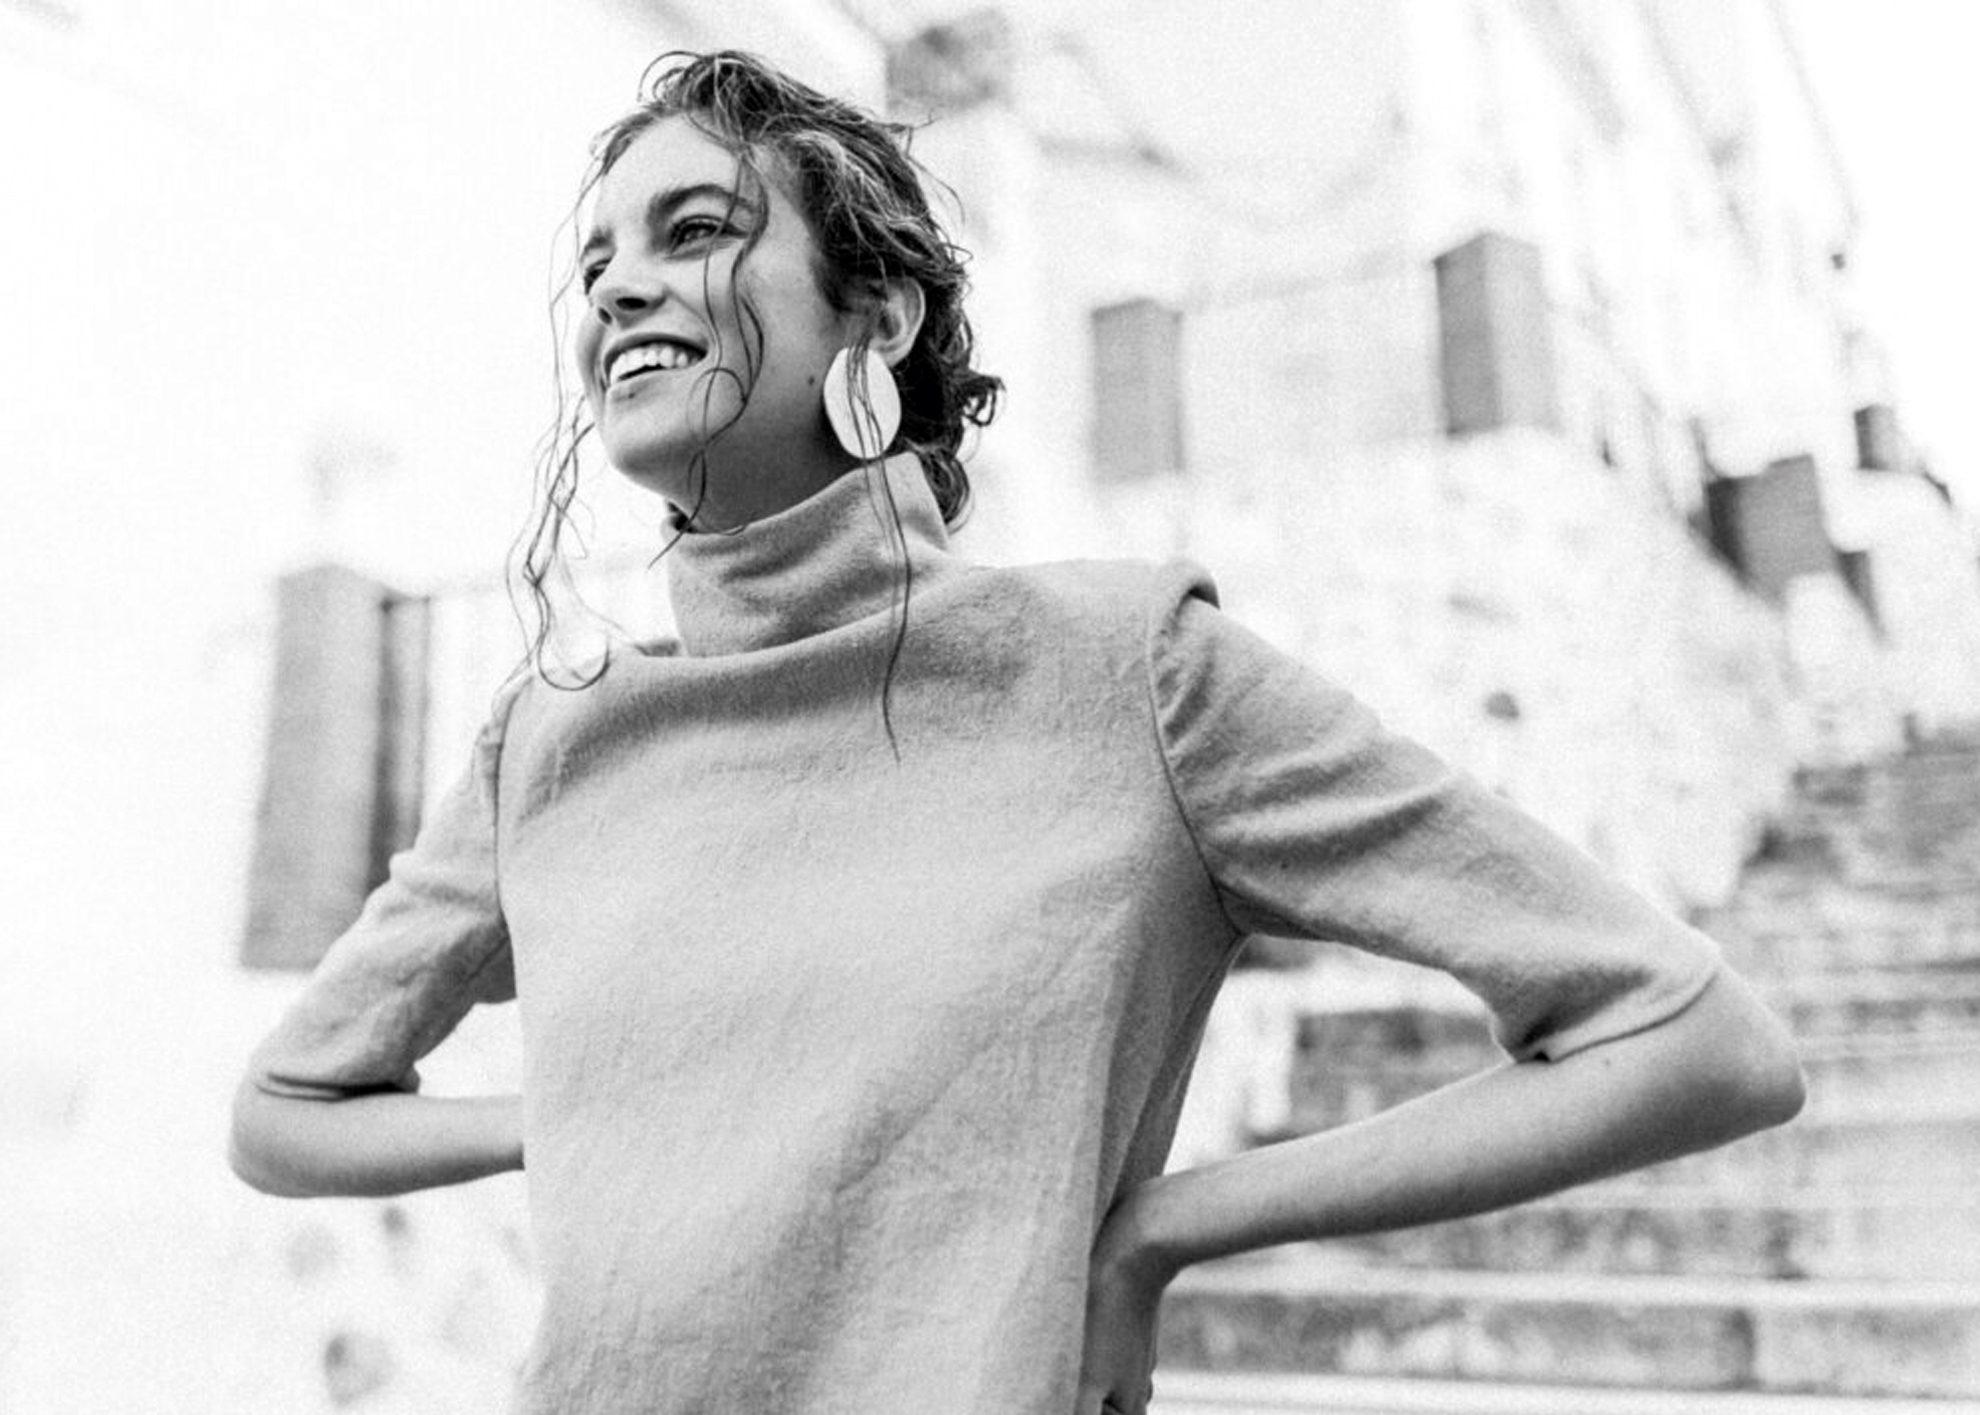 La Mujer de Kennedy Málaga Diseño web ecommerce tienda online ropa Vestigium Studio